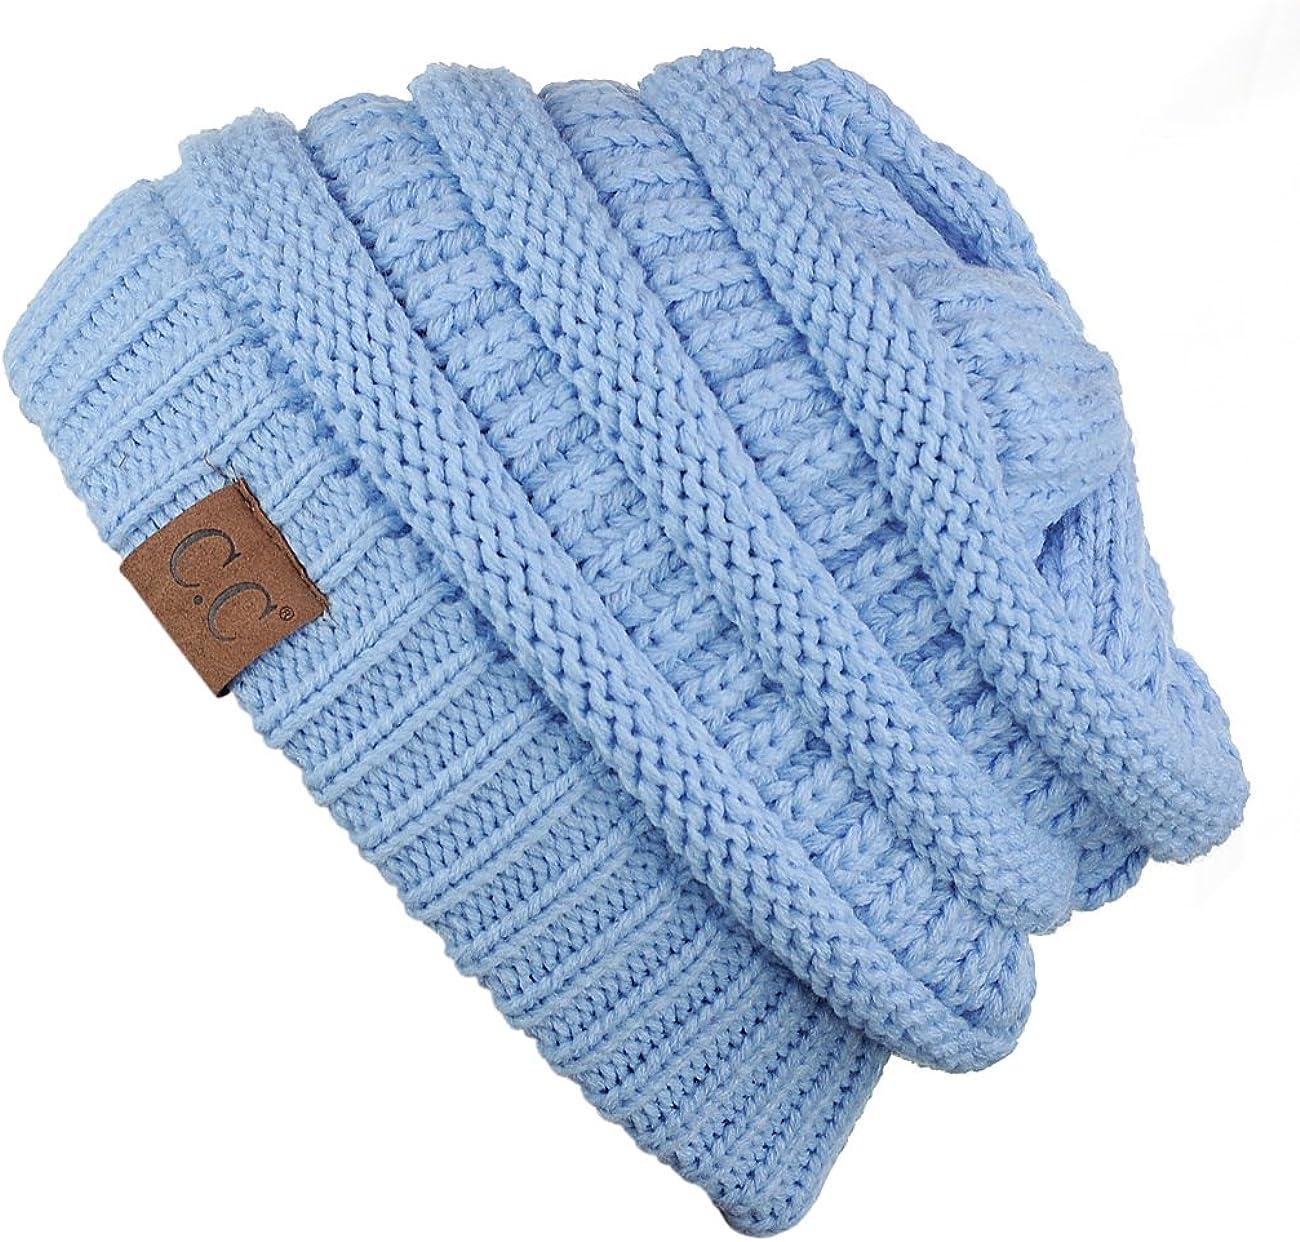 pour un look fabuleux lors de vos activit/és hivernales. C/&C Bonnet Slouch unisexe tricot/é